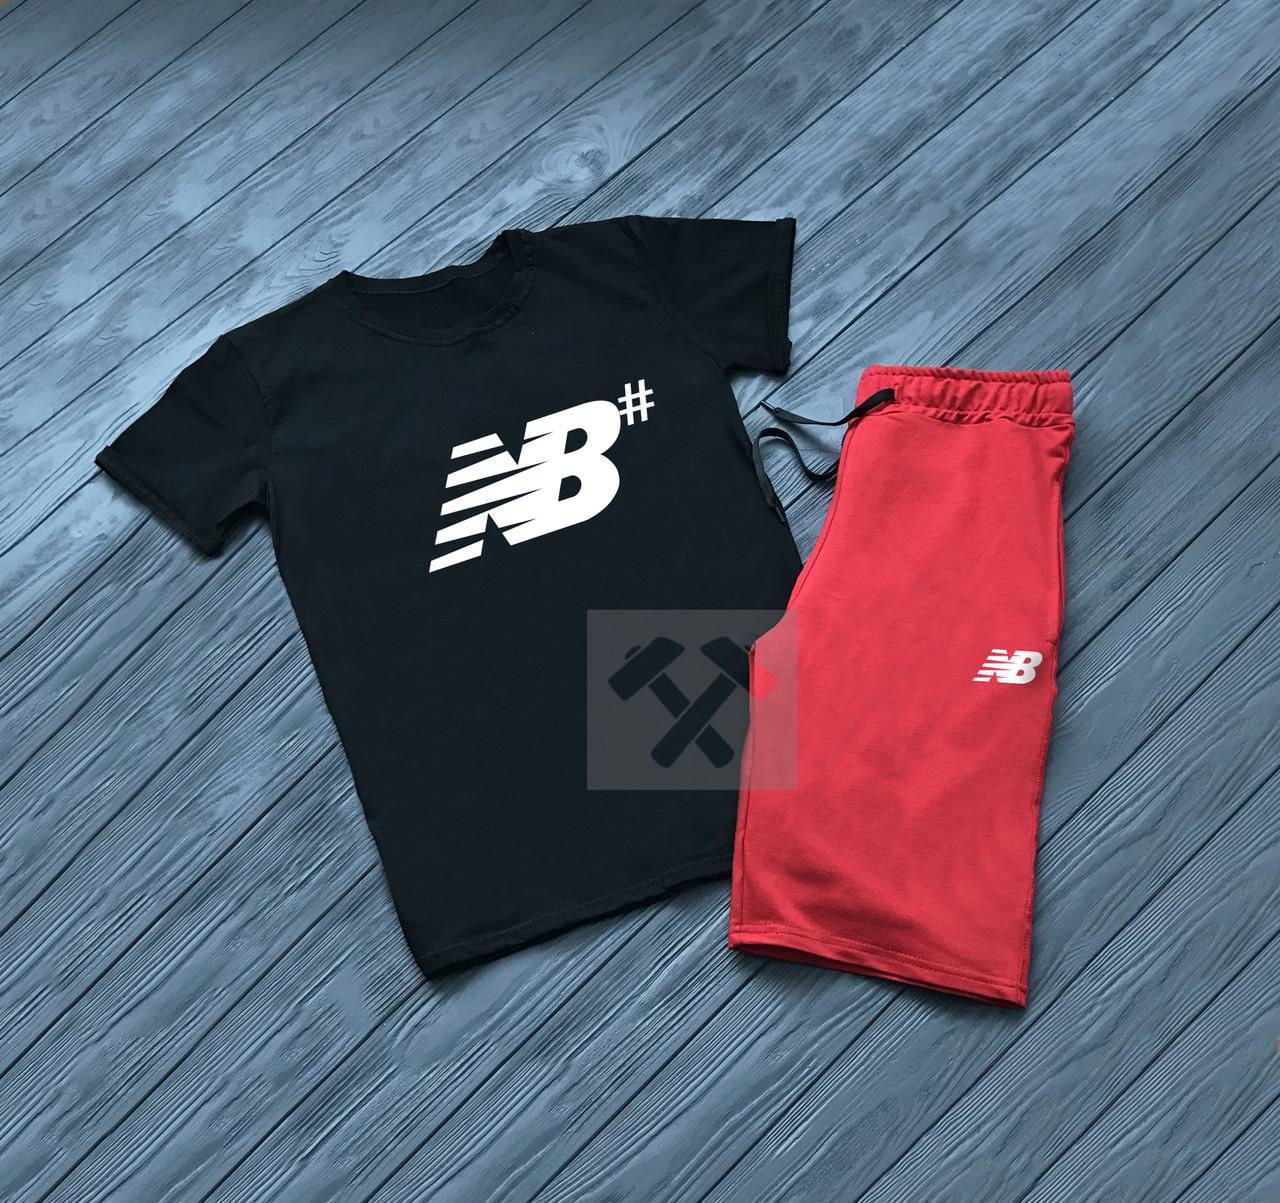 Мужской комплект футболка + шорты New Balance черного и красного цвета (люкс  копия) db48aa845b0